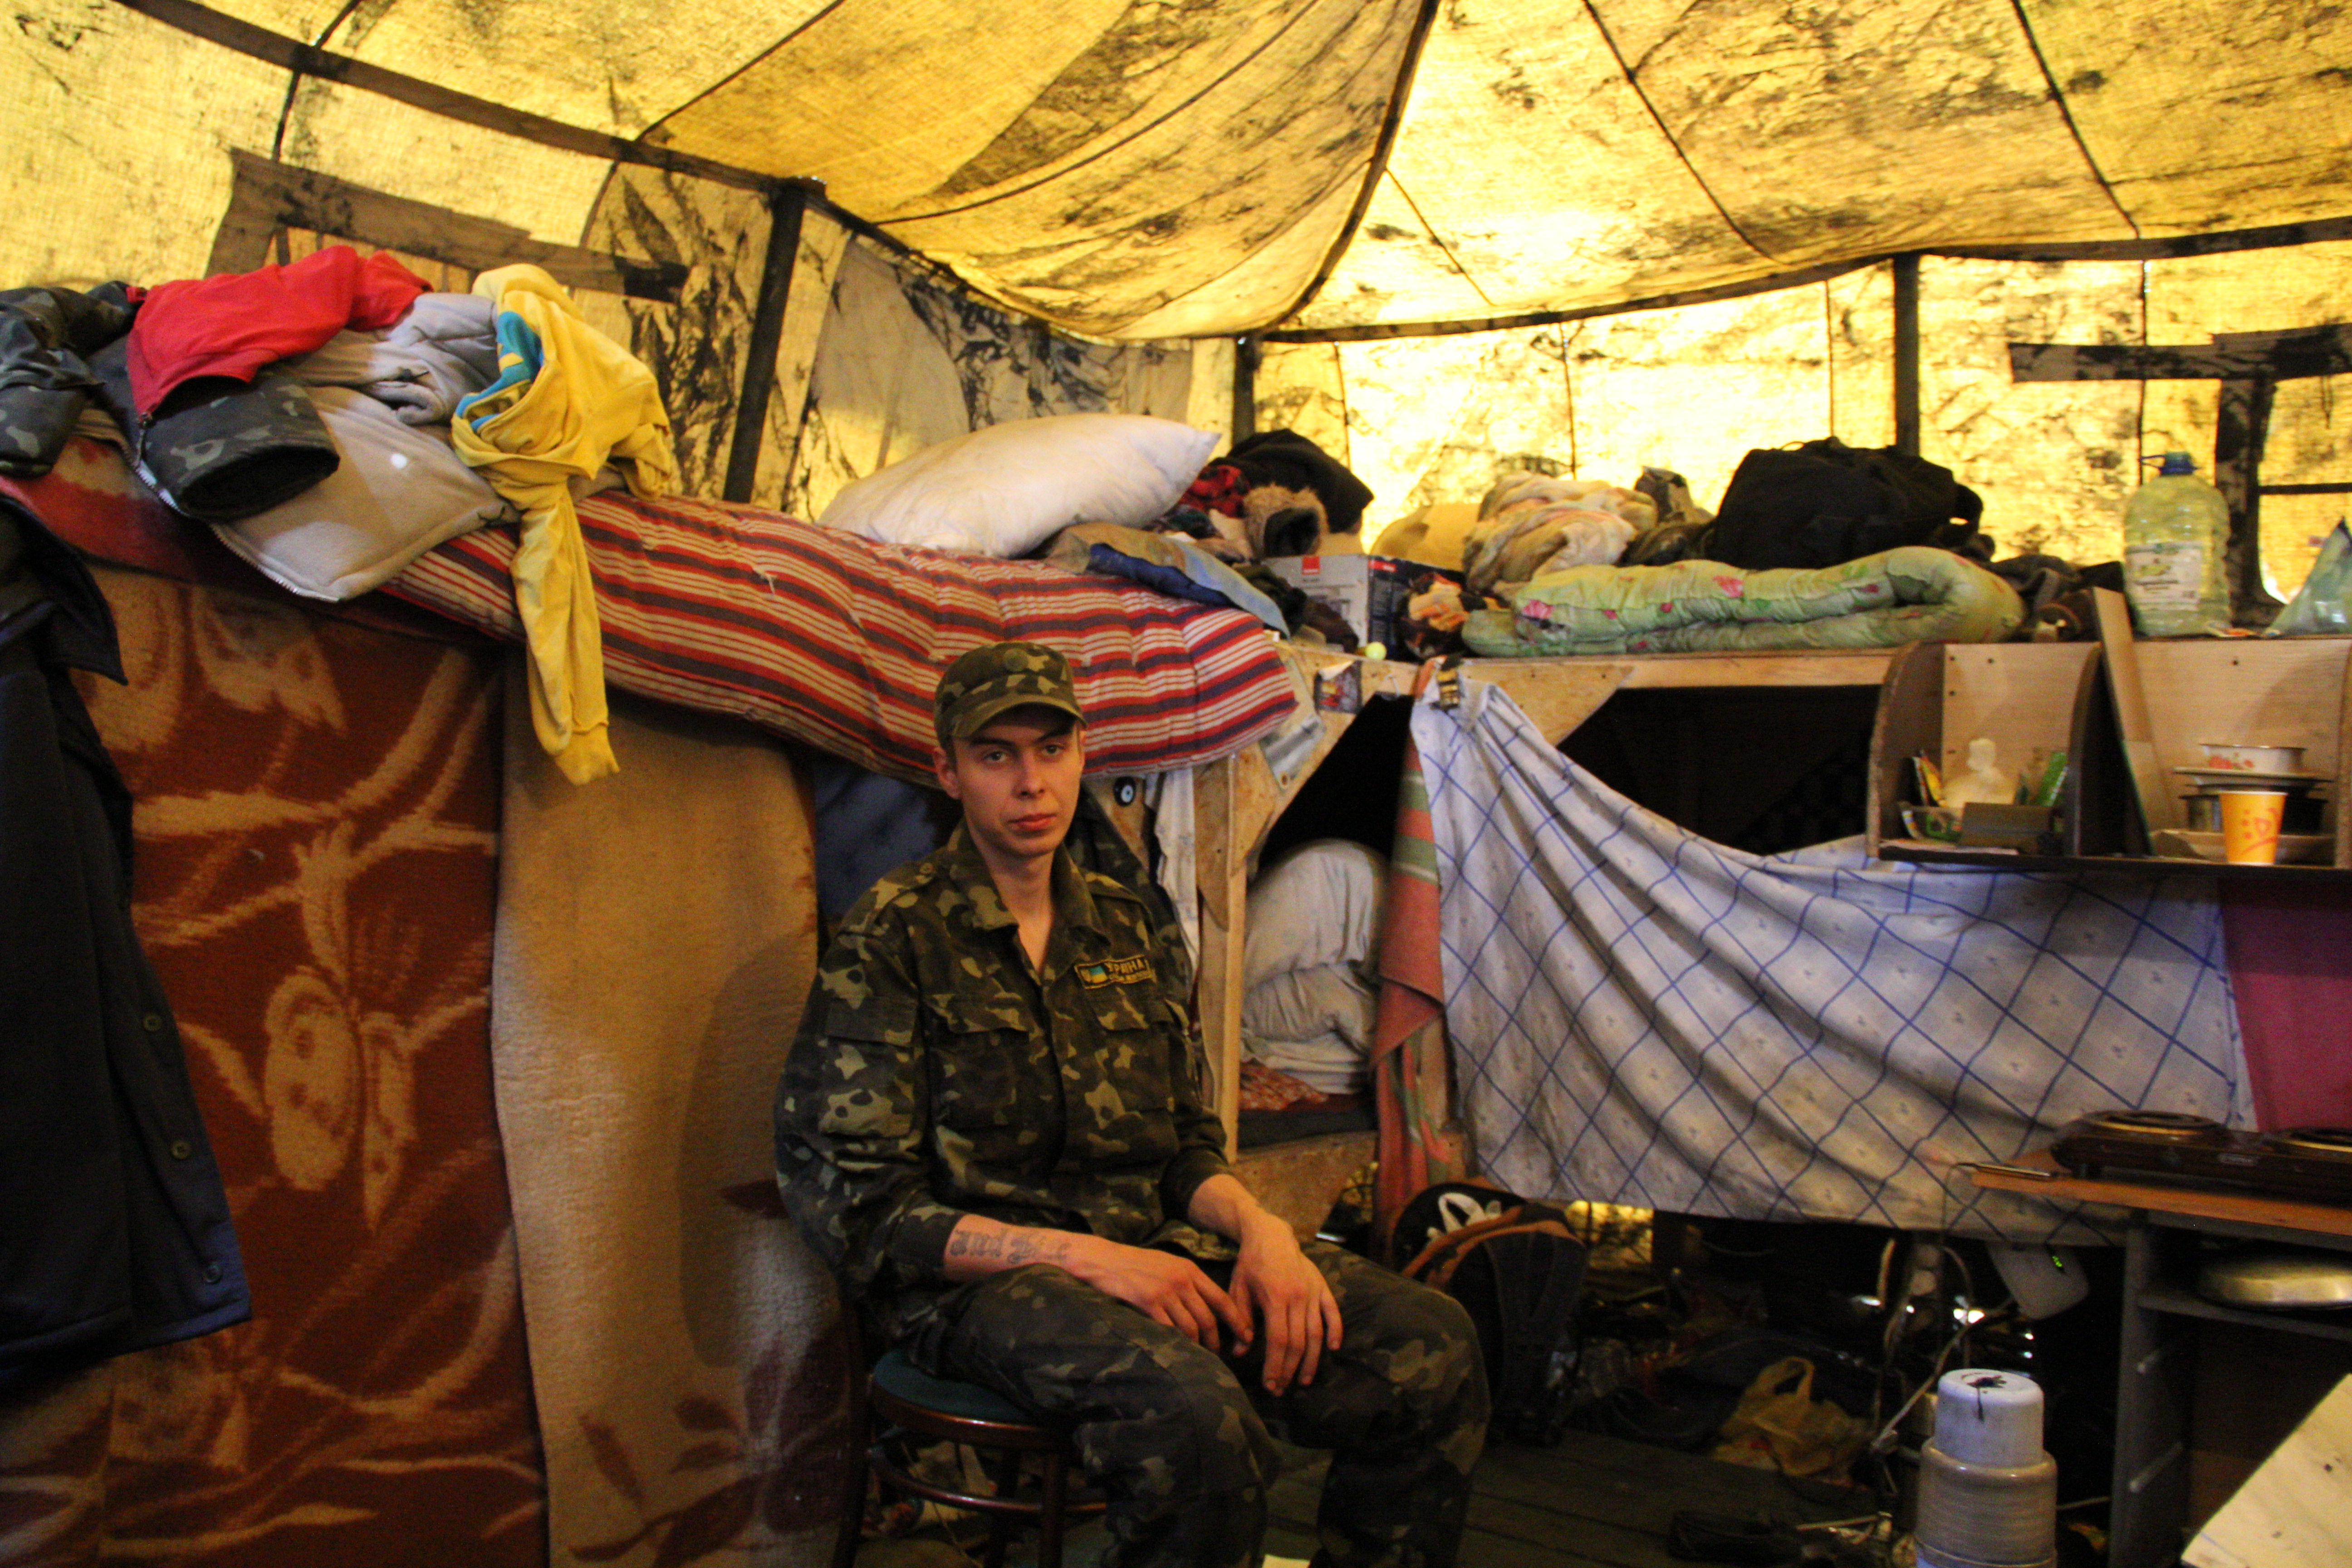 À l'intérieur d'une tente. 28 personnes dorment ici dans des conditions précaires. Crédit Pierre Sautreuil